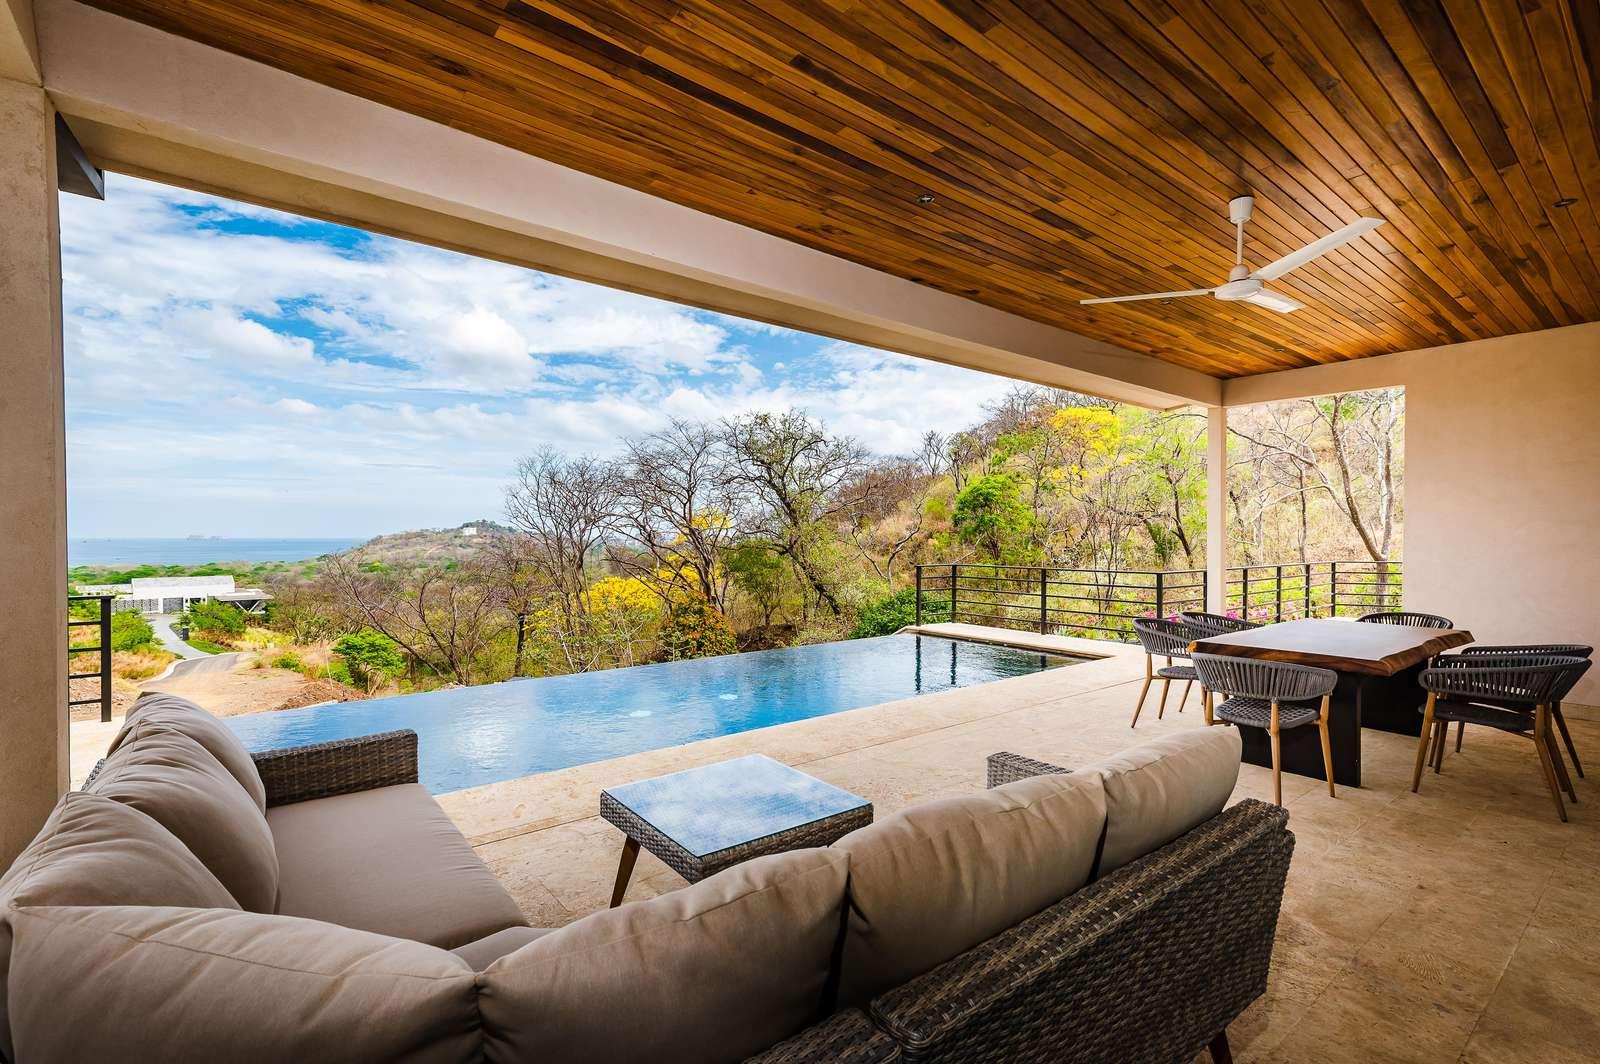 Casa Serena, a beautiful new ocean view home at Mar Vista - property